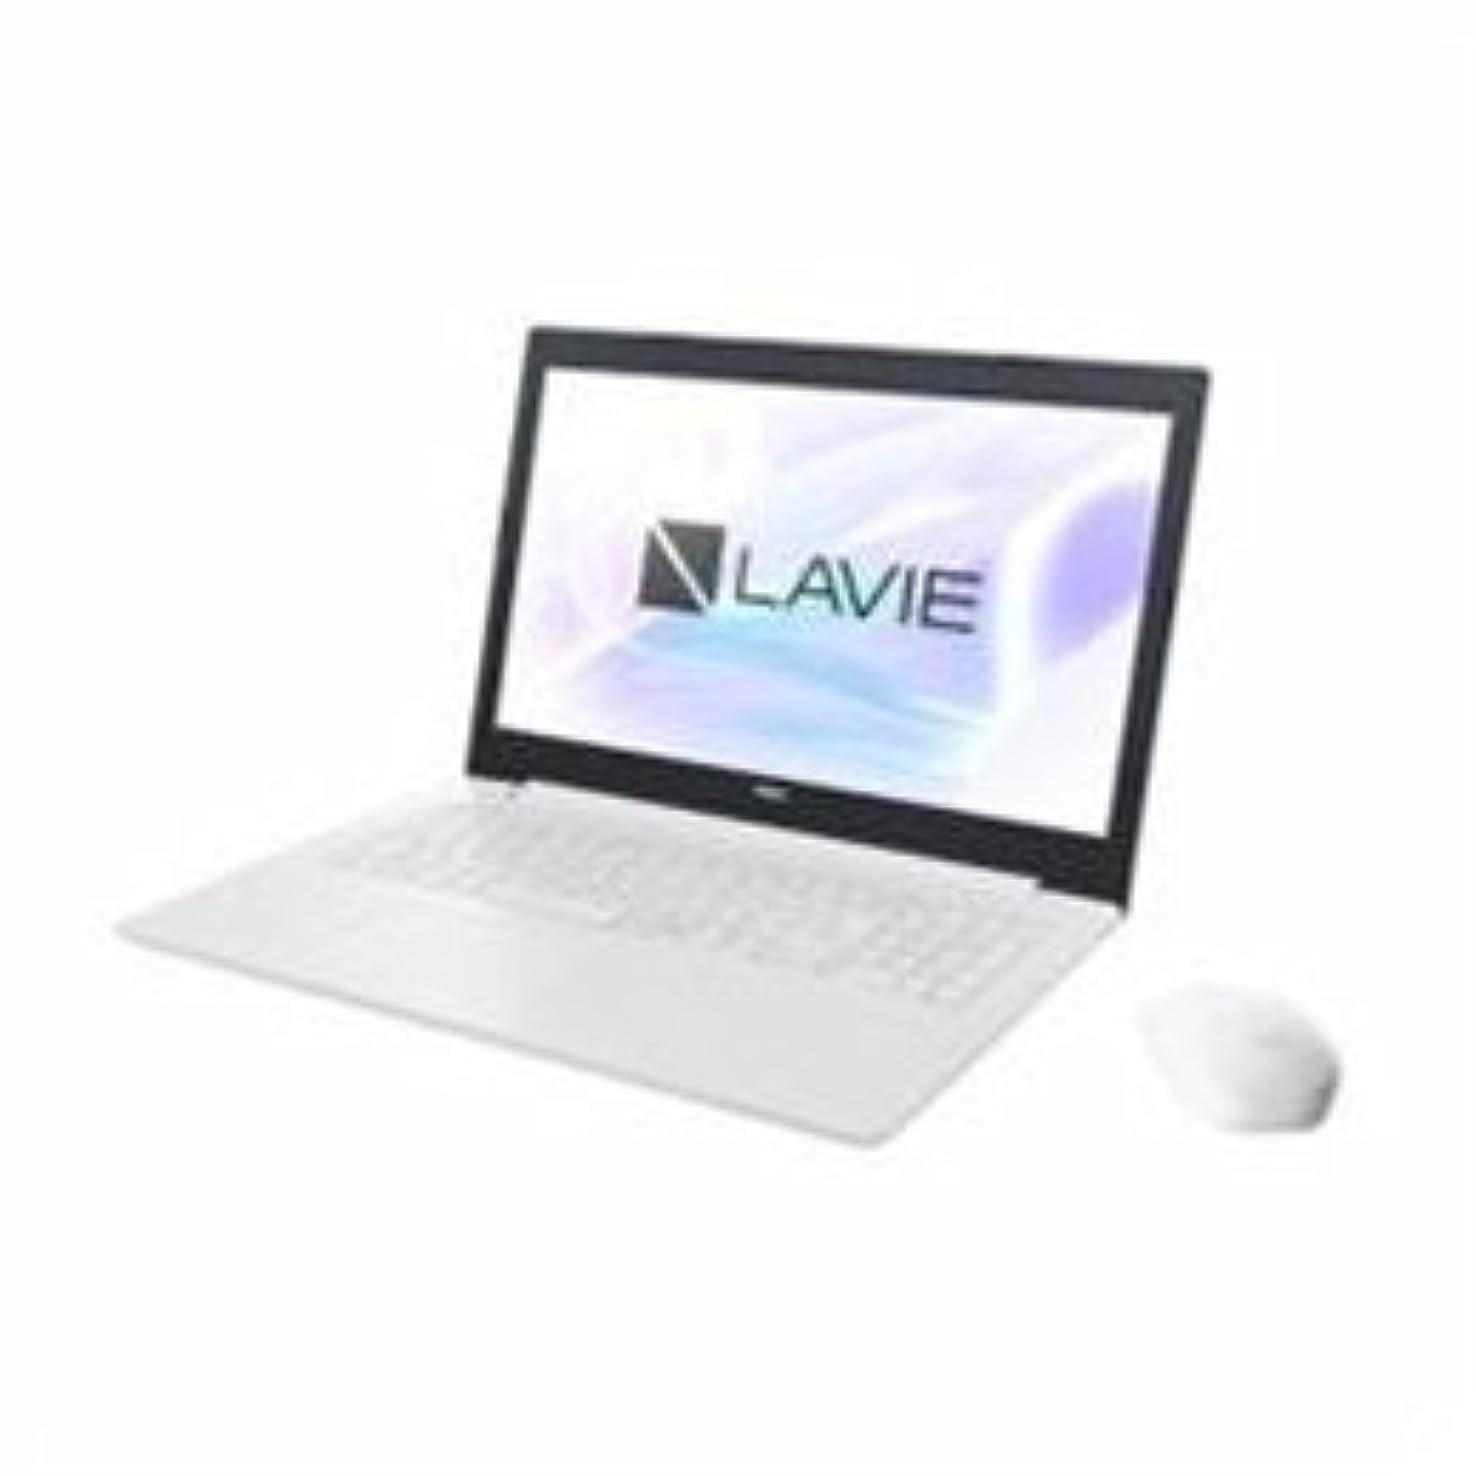 落ち着く緑スラムパソコン パソコン本体 ノートパソコン NEC ノートパソコン LAVIE Note Standard カームホワイト PC-NS150KAW -ak [簡易パッケージ品]